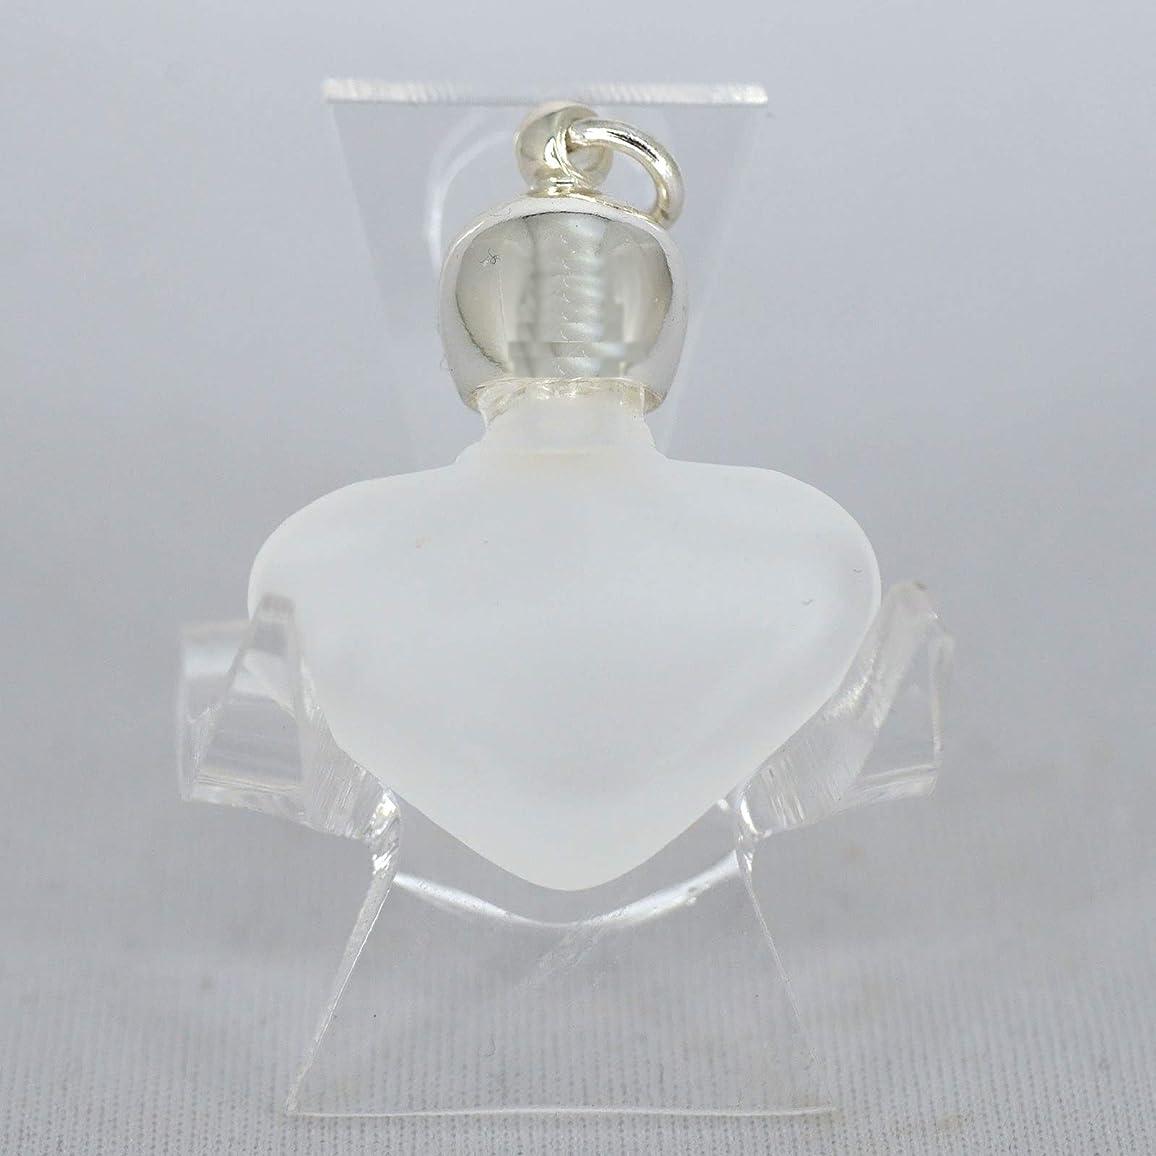 略語一節テクトニックミニ香水瓶 アロマペンダントトップ ハートフロスト(すりガラス)0.8ml?シルバー?穴あきキャップ、パッキン付属【アロマオイル?メモリーオイル入れにオススメ】